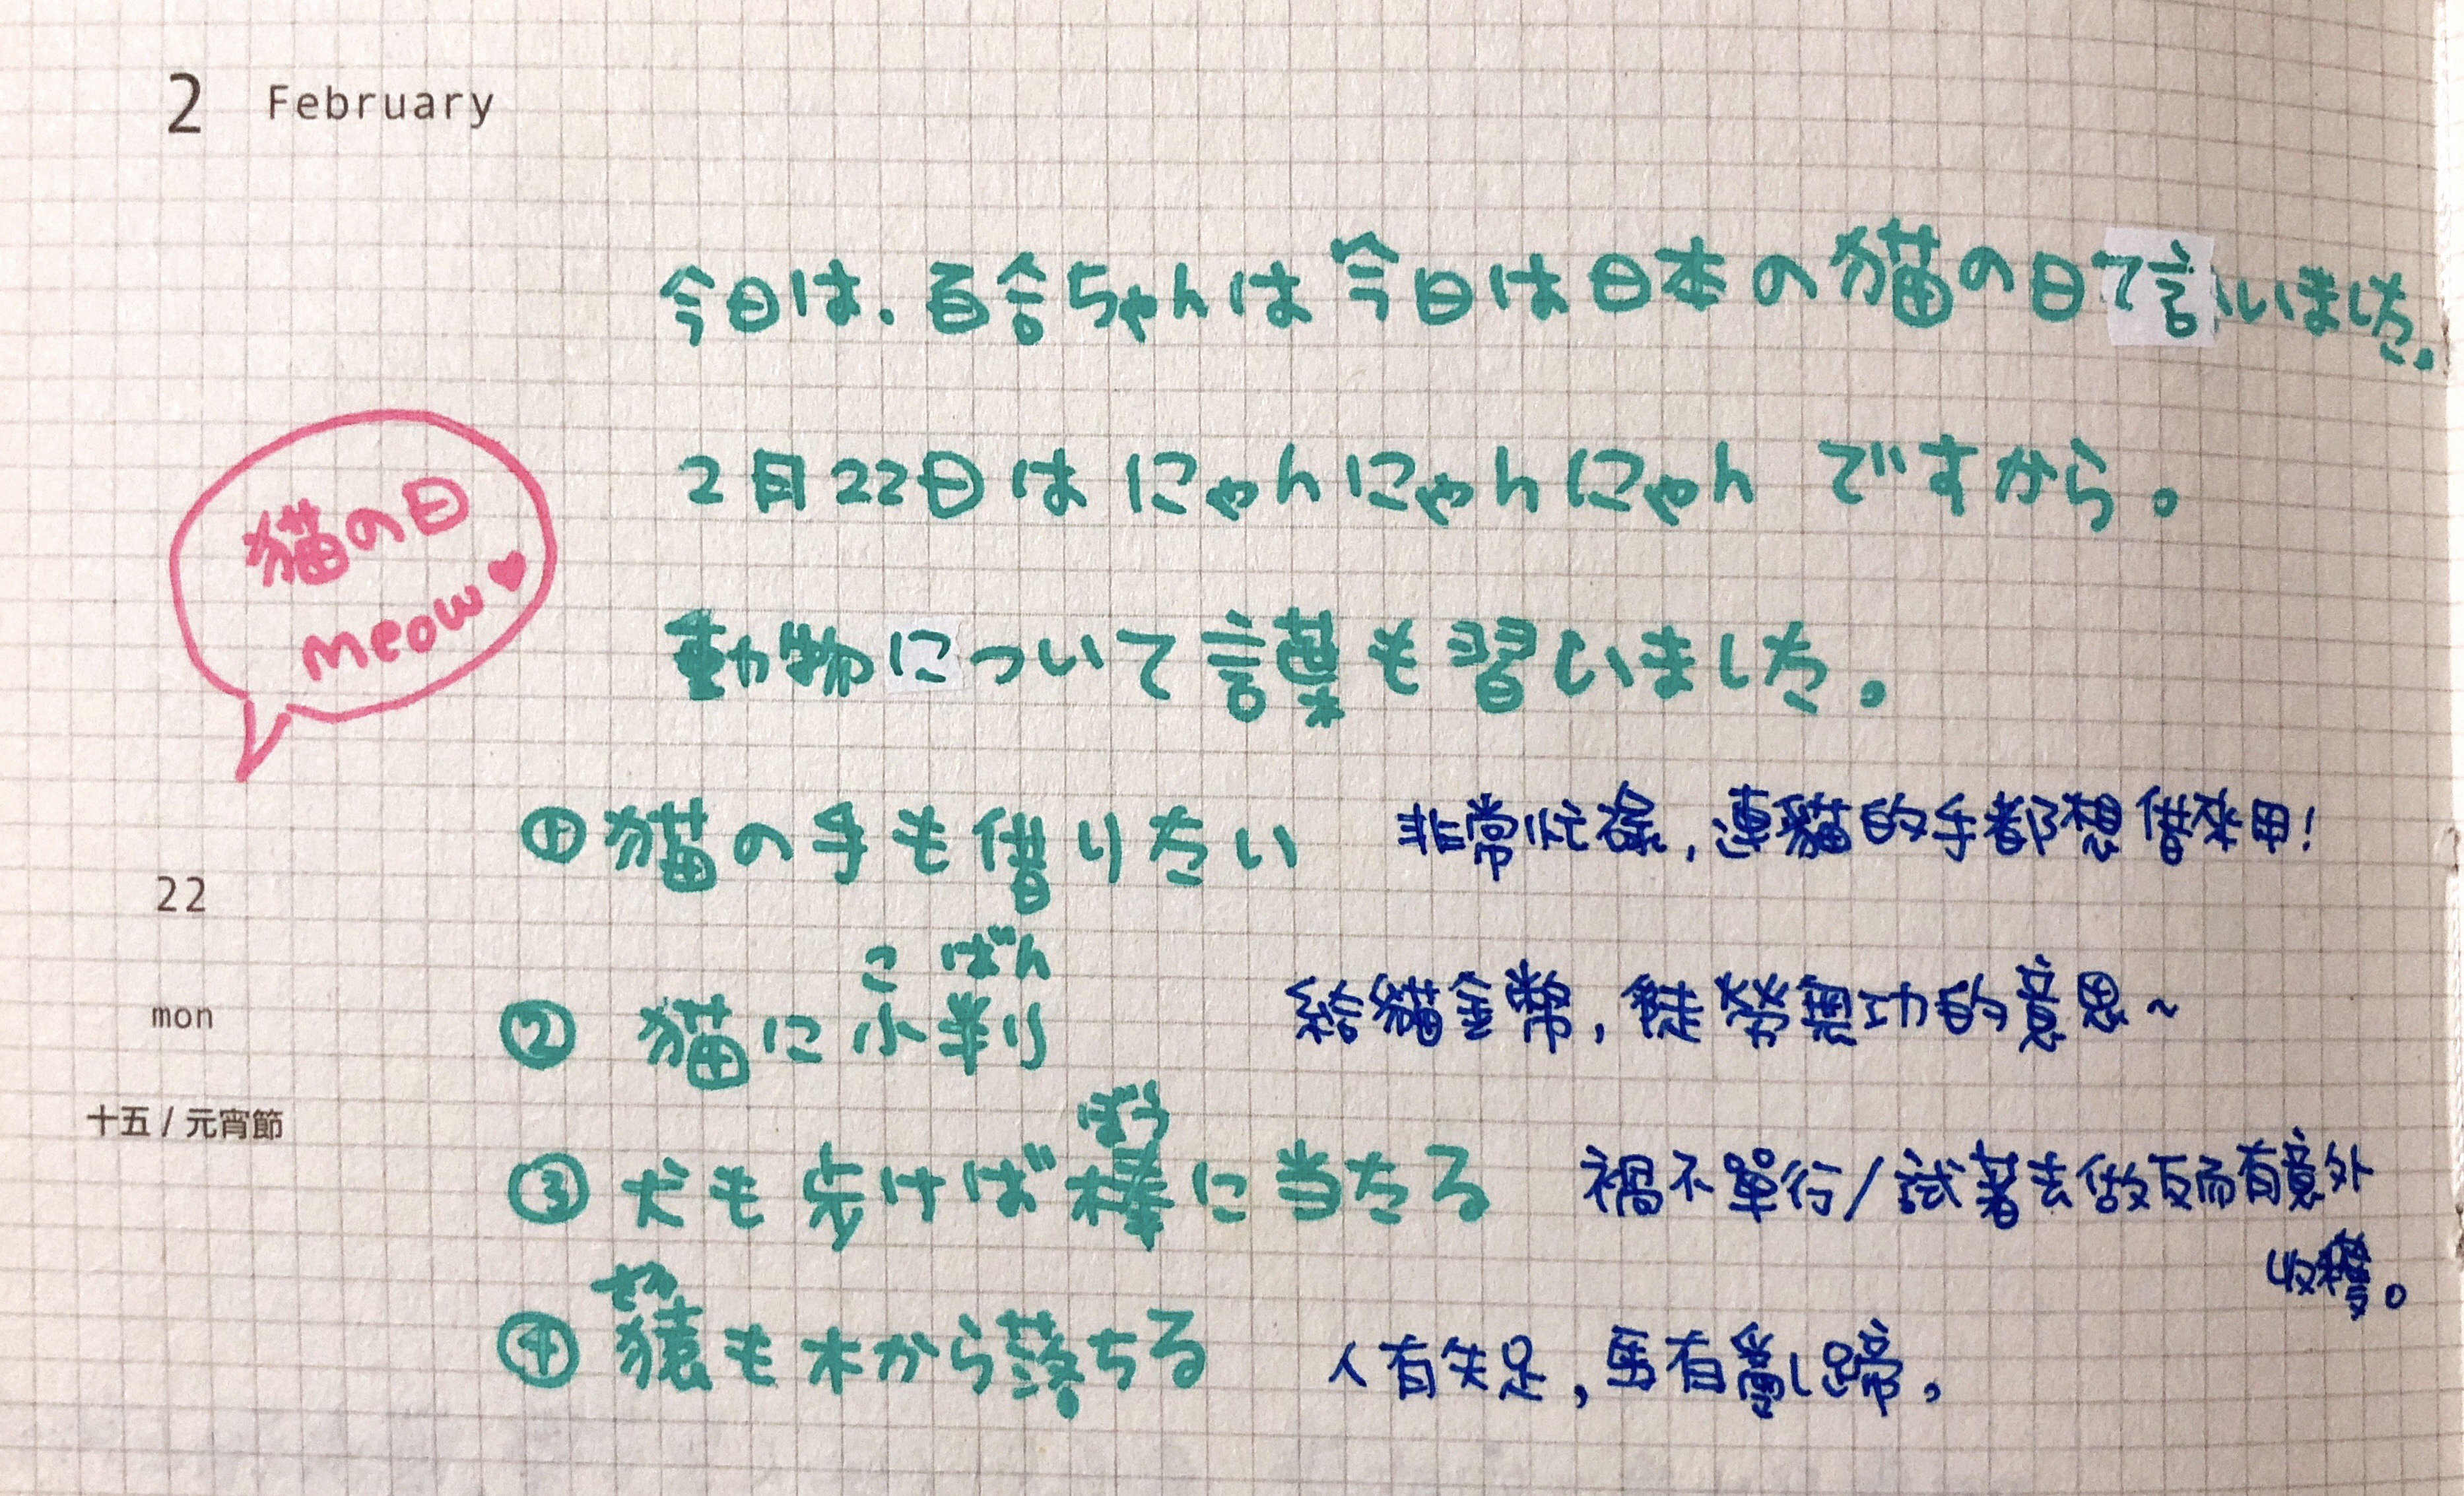 365-138 日文筆記本系列 連貓的手都想借來用!   頭戴皇冠的小企鵝